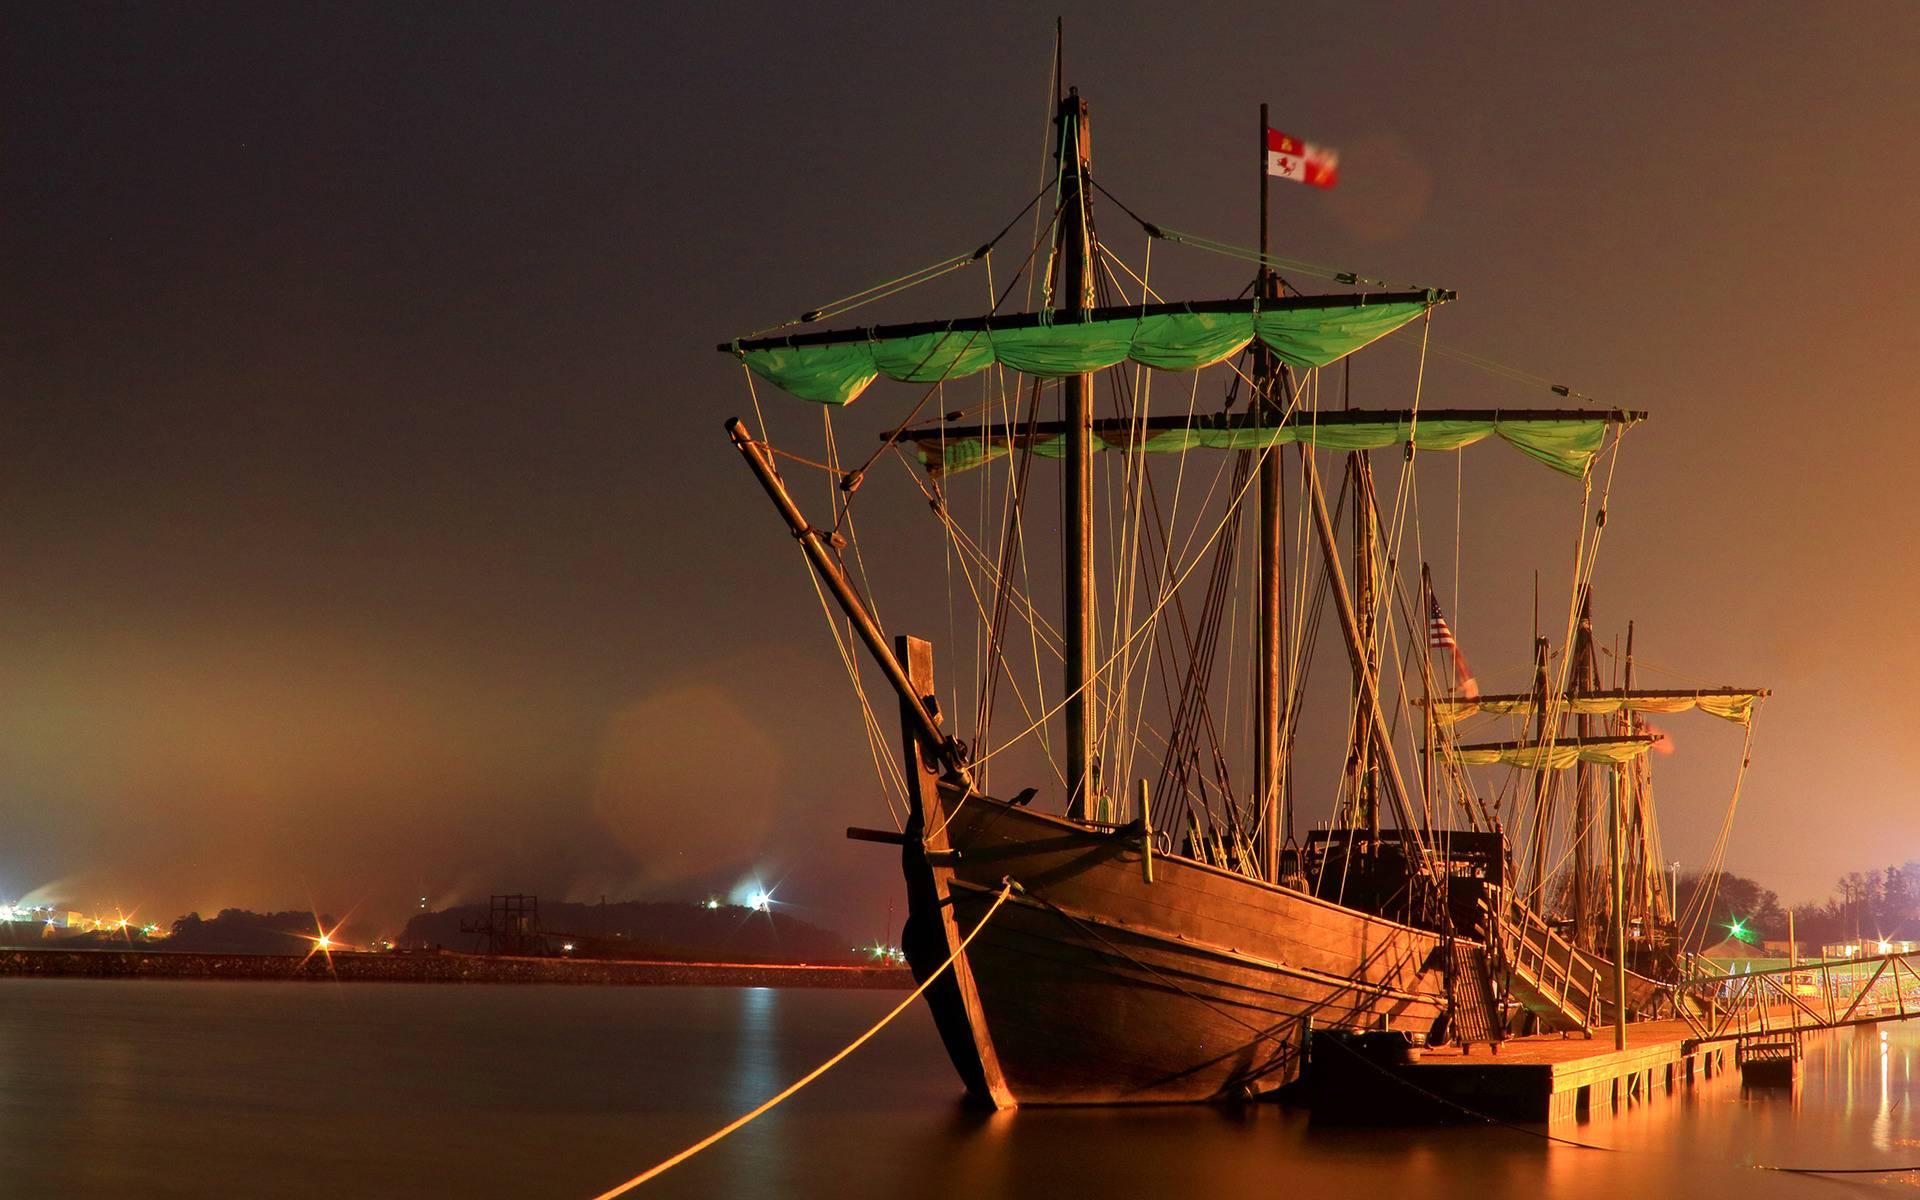 обои парусник, порт, причал, корабль картинки фото